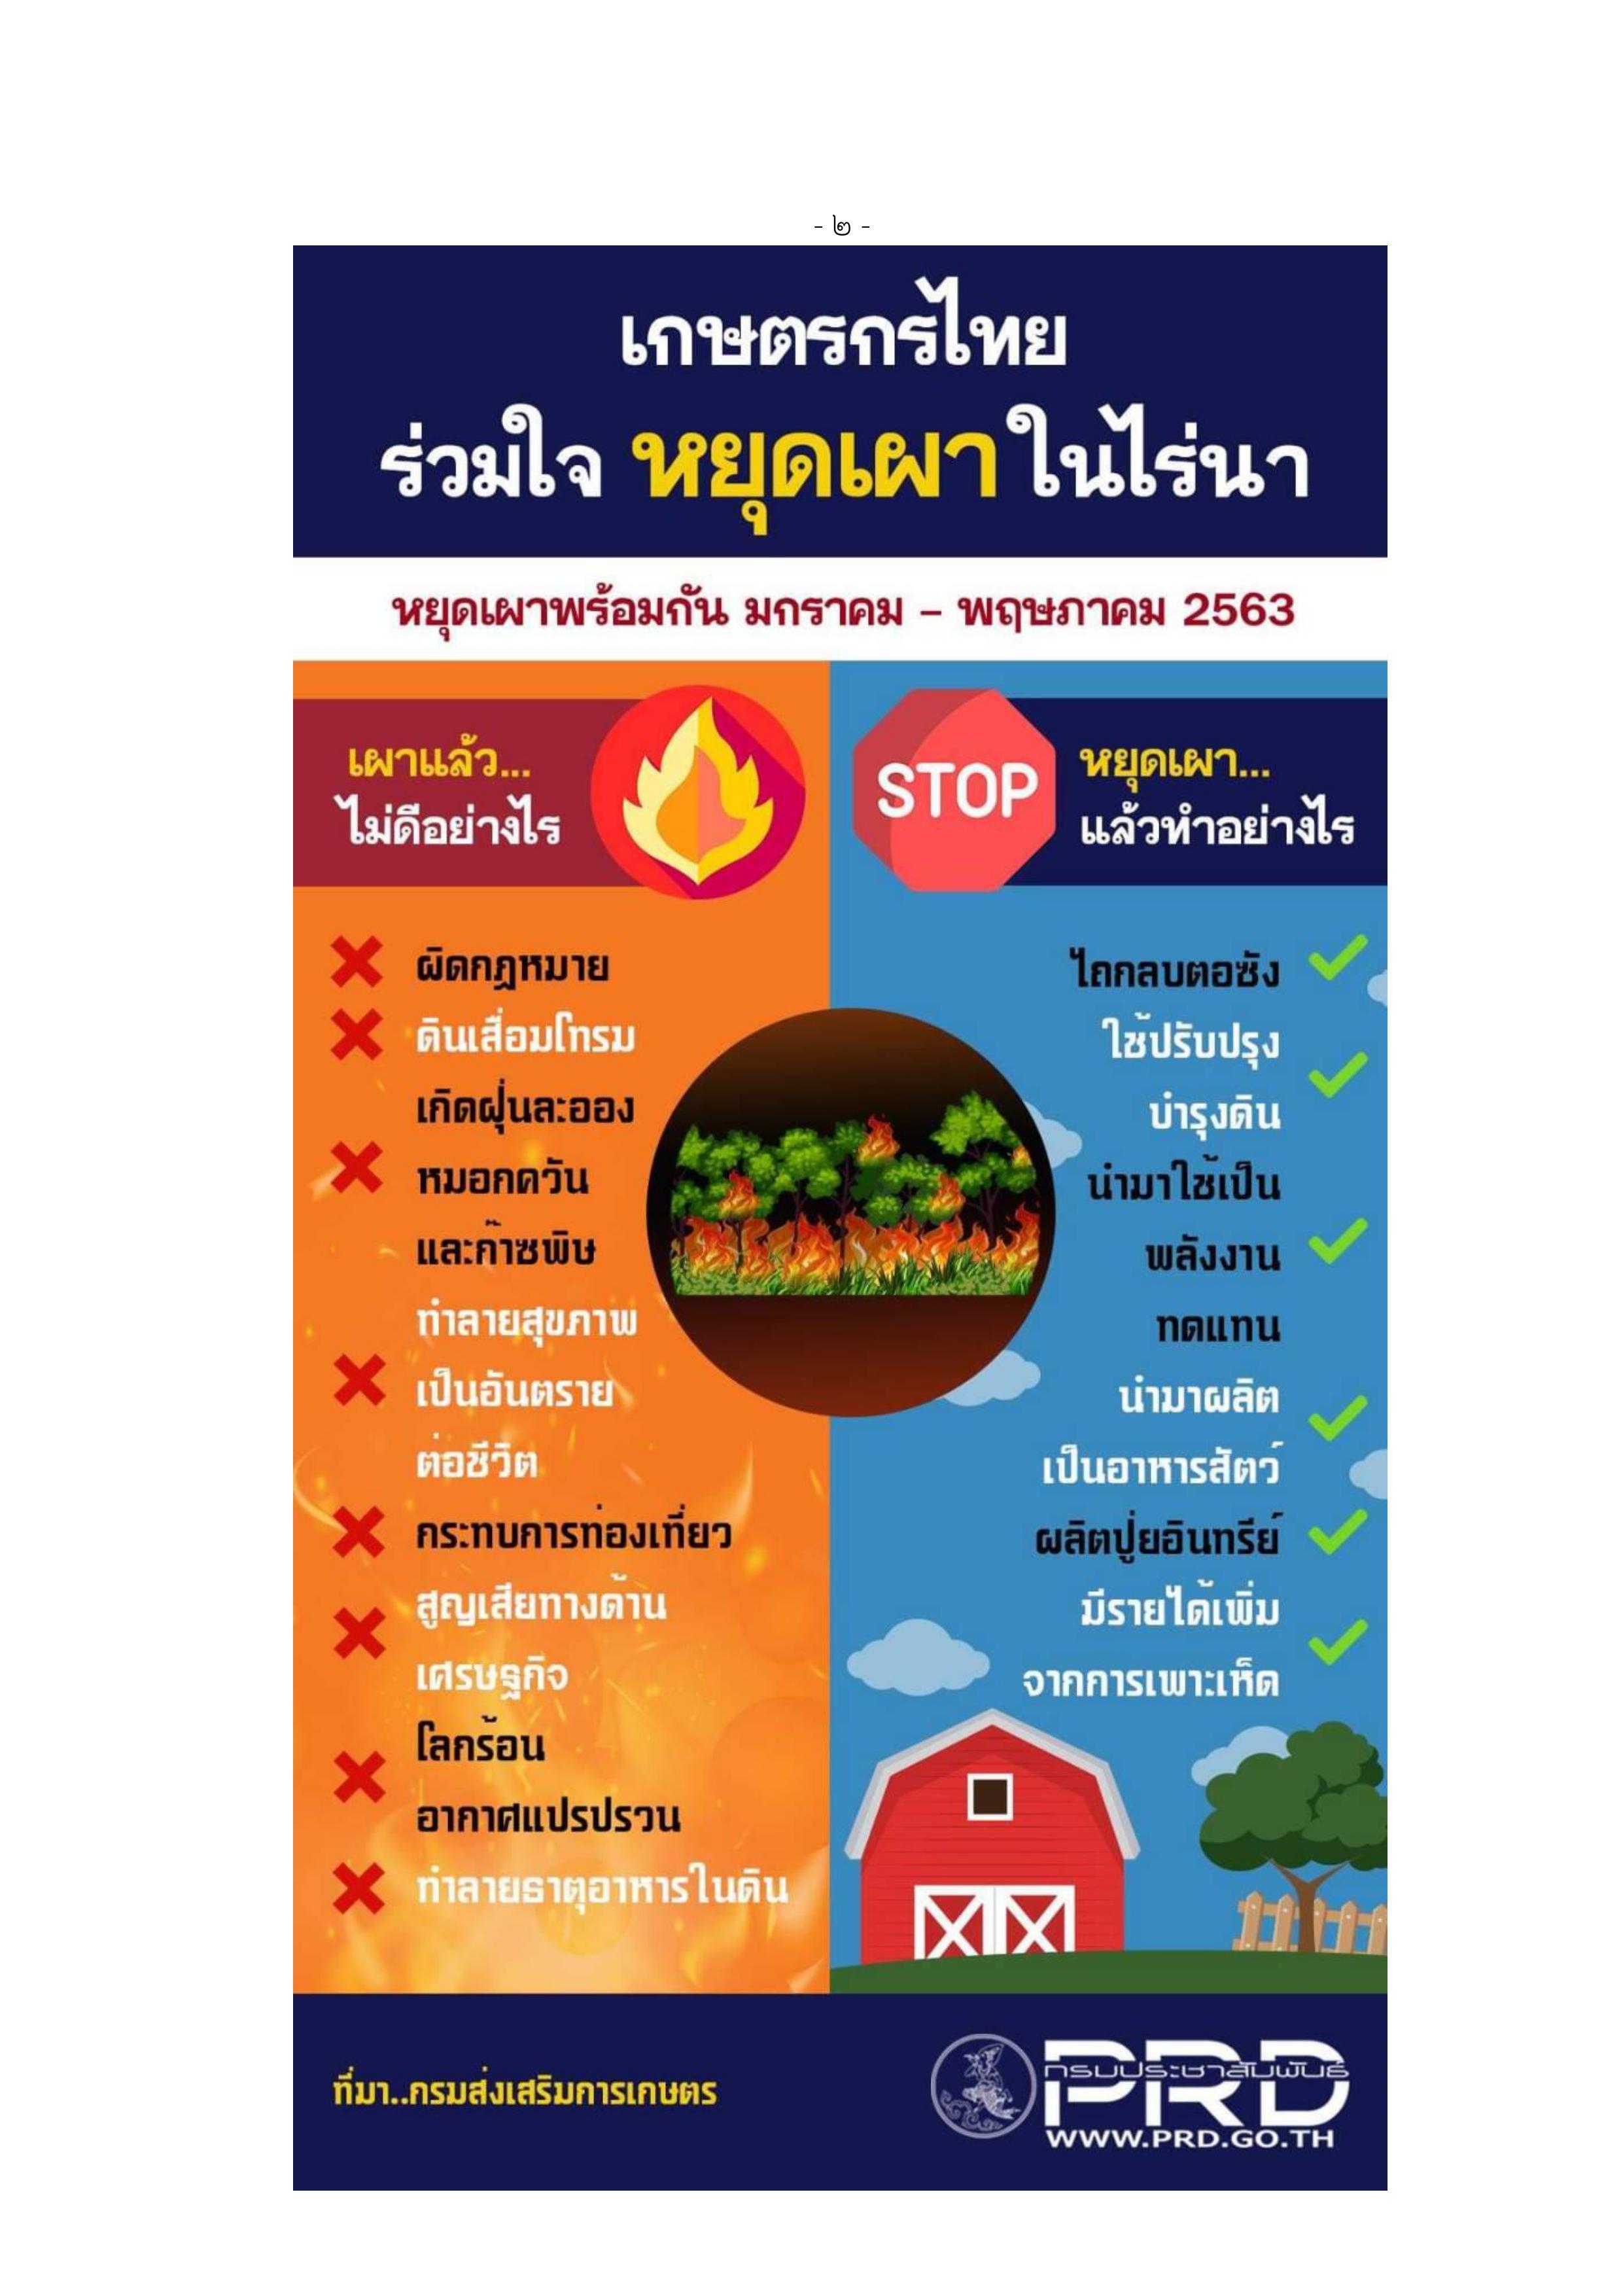 กระทรวงเกษตรและสหกรณ์ - เกษตรกรไทย ร่วมใจ